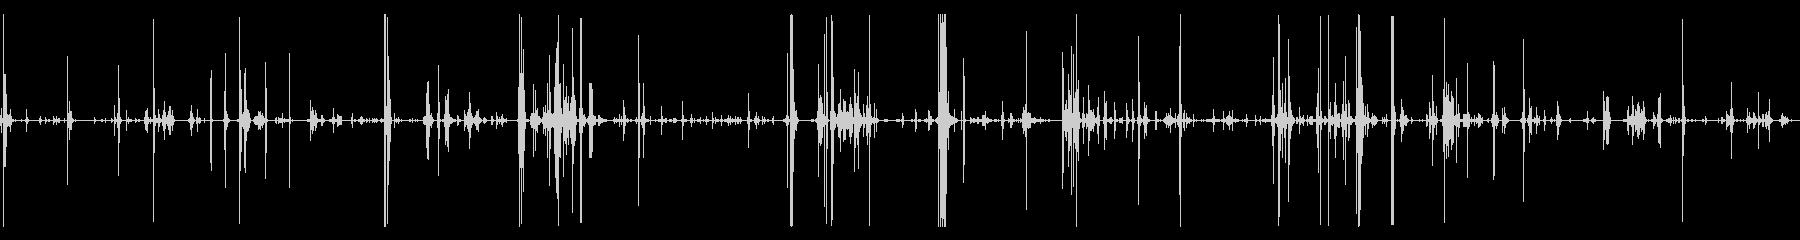 猫が鉛筆を転がしている音などの未再生の波形